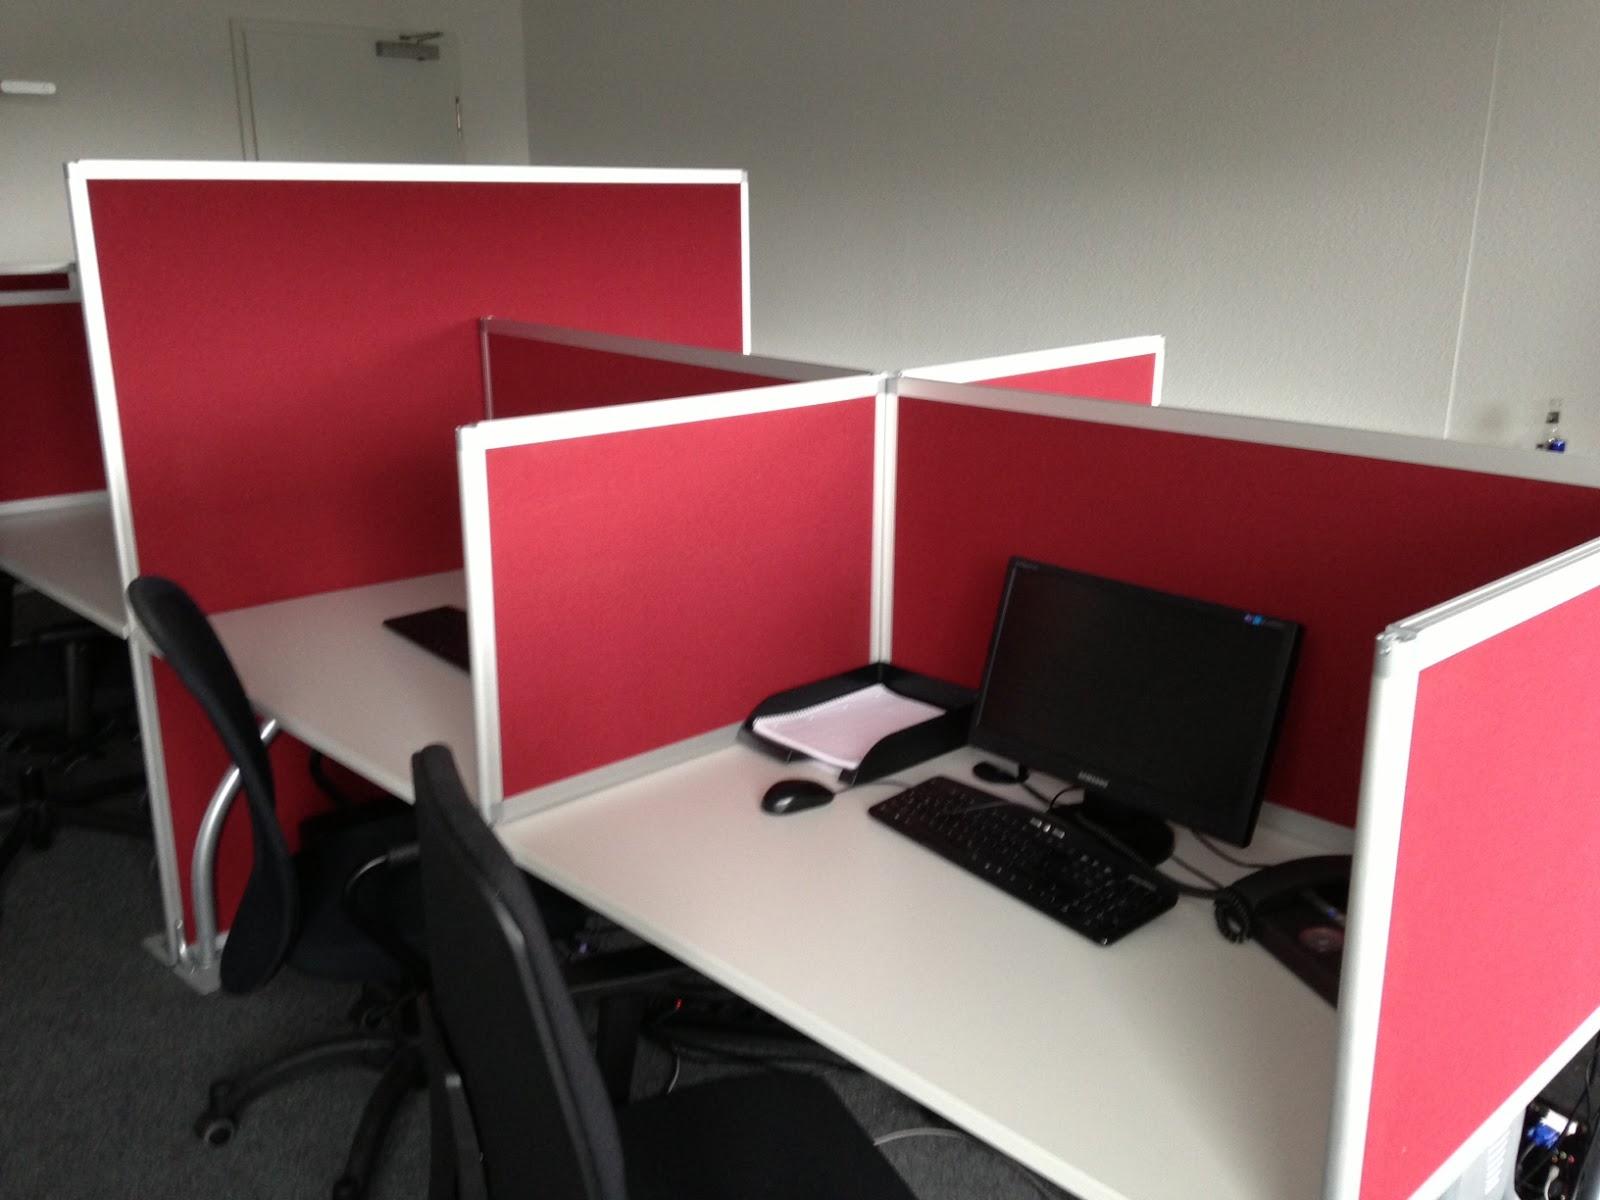 colour up your office gebrauchte b rom bel und call center m bel jetzt aus dortmund kaufen. Black Bedroom Furniture Sets. Home Design Ideas